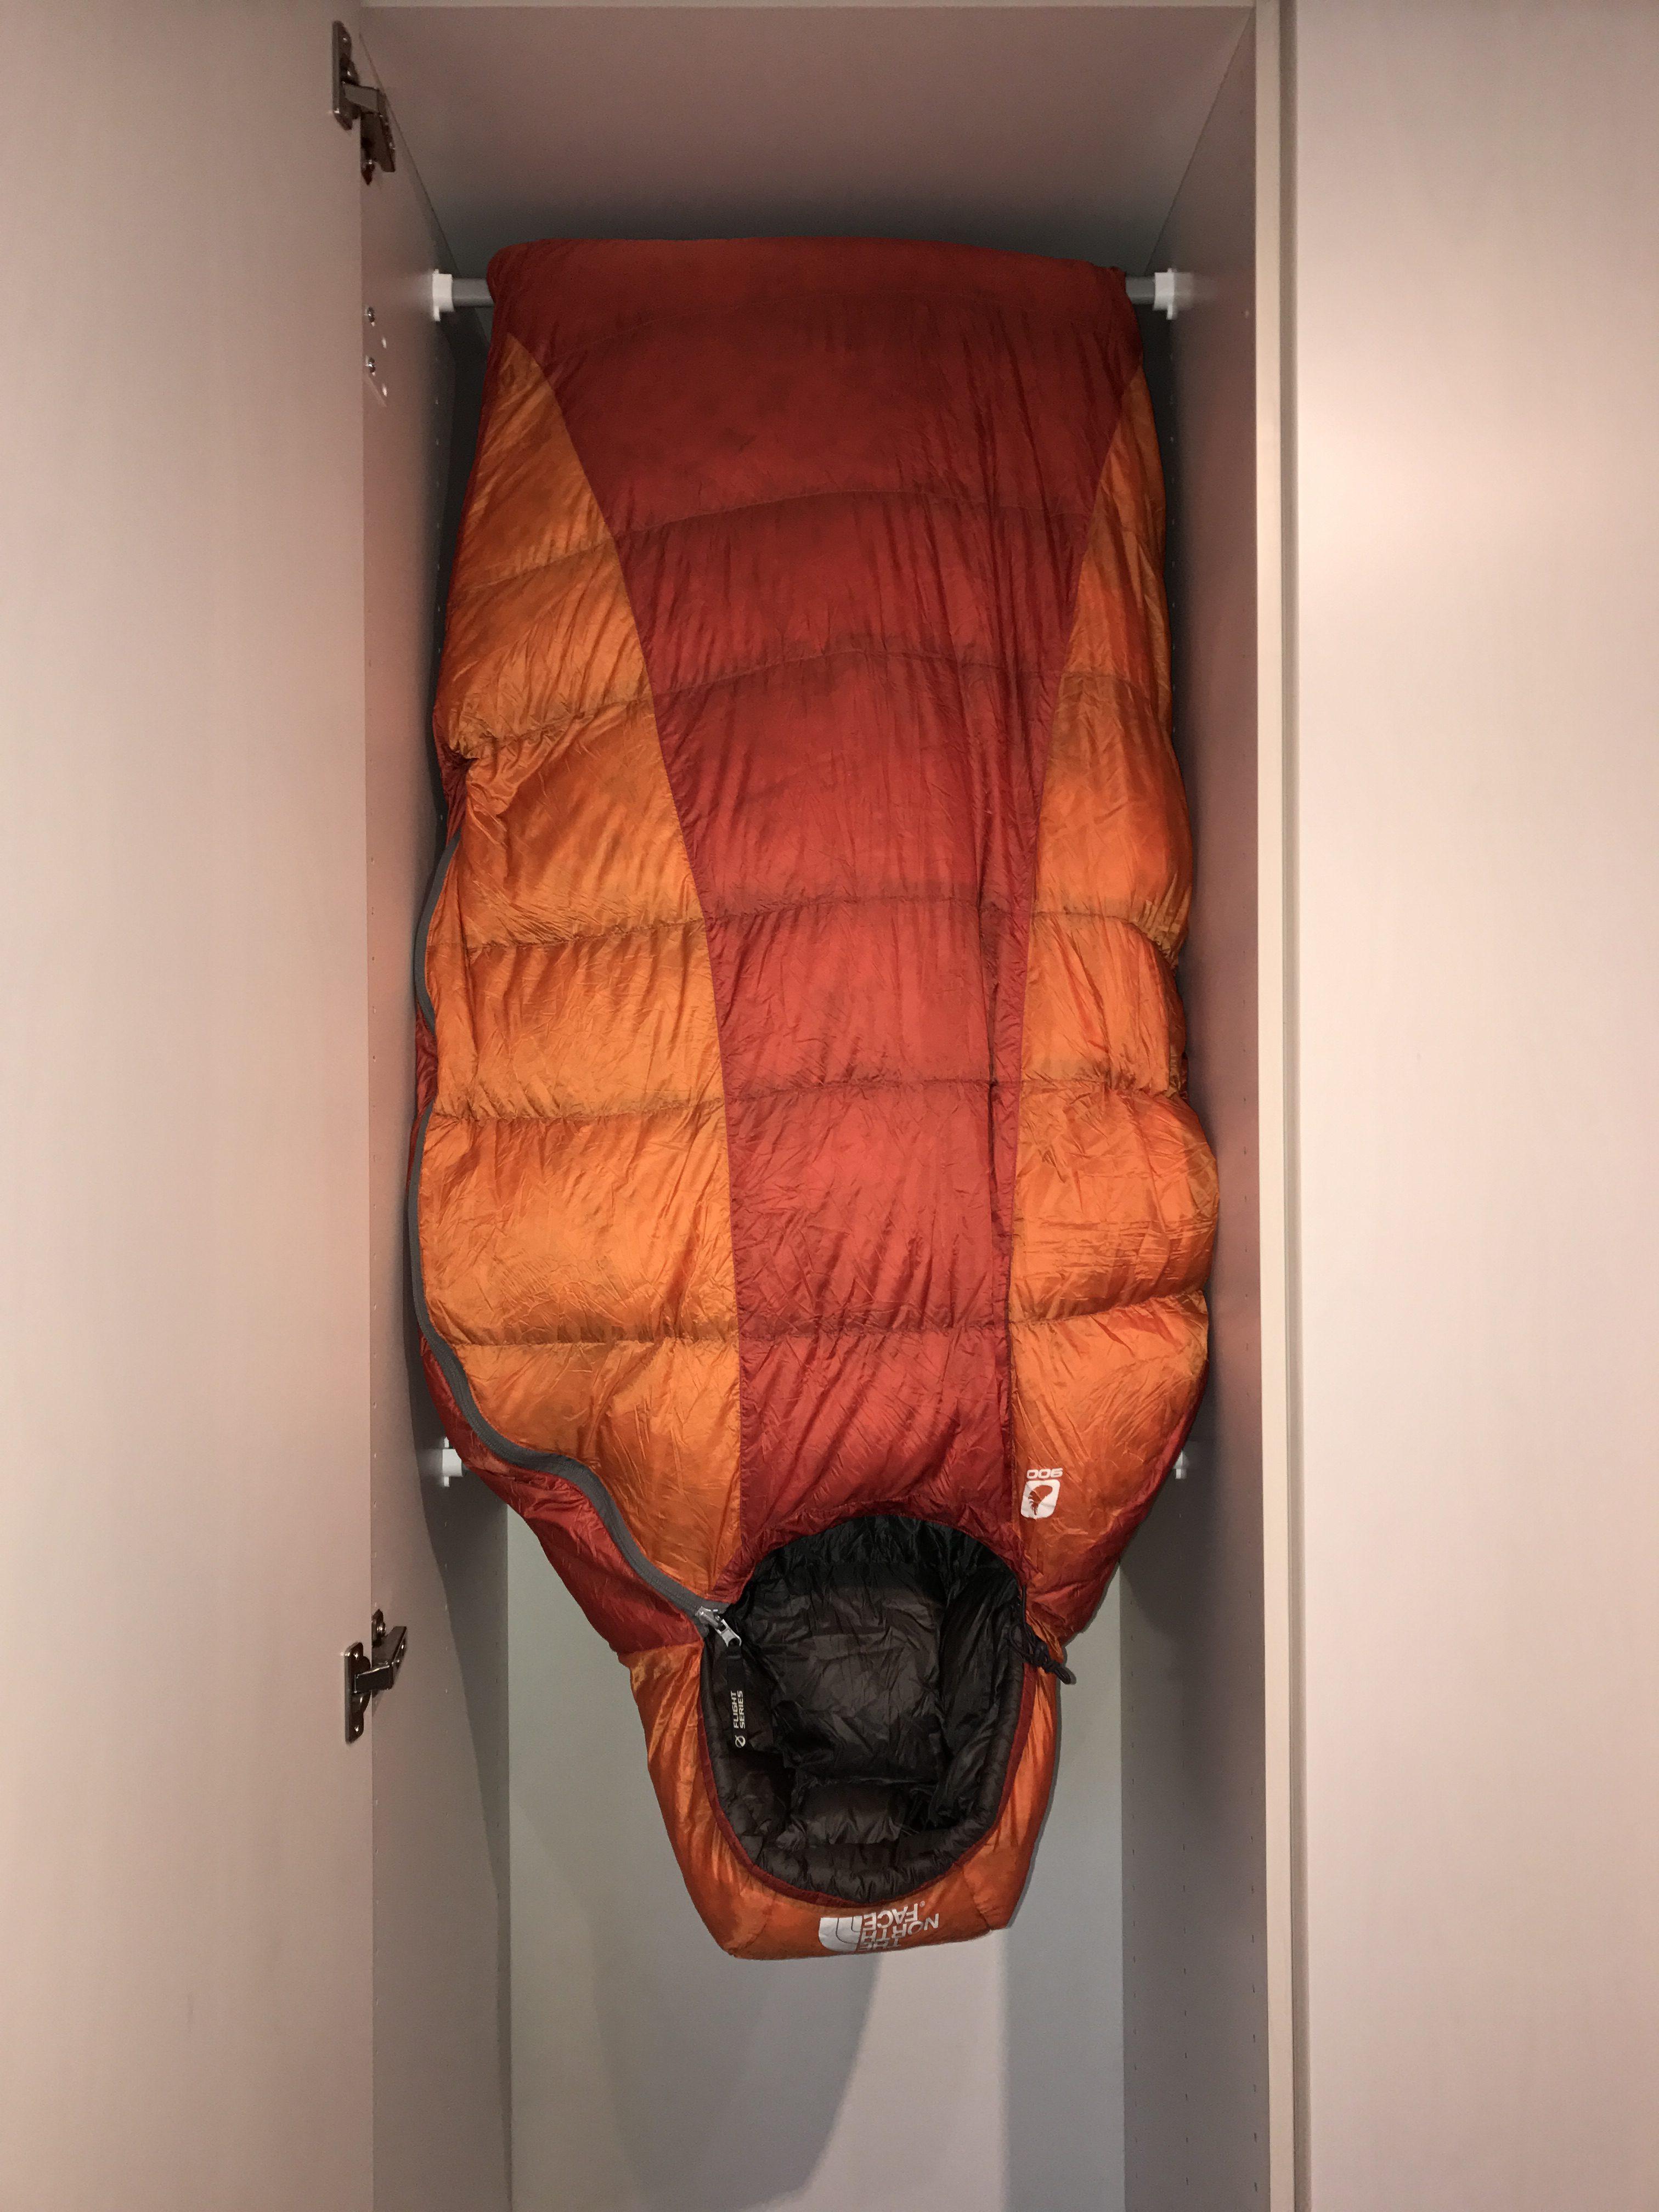 Opbevaring af din sovepose - hæng den op i et skab når den ikke er på tur.